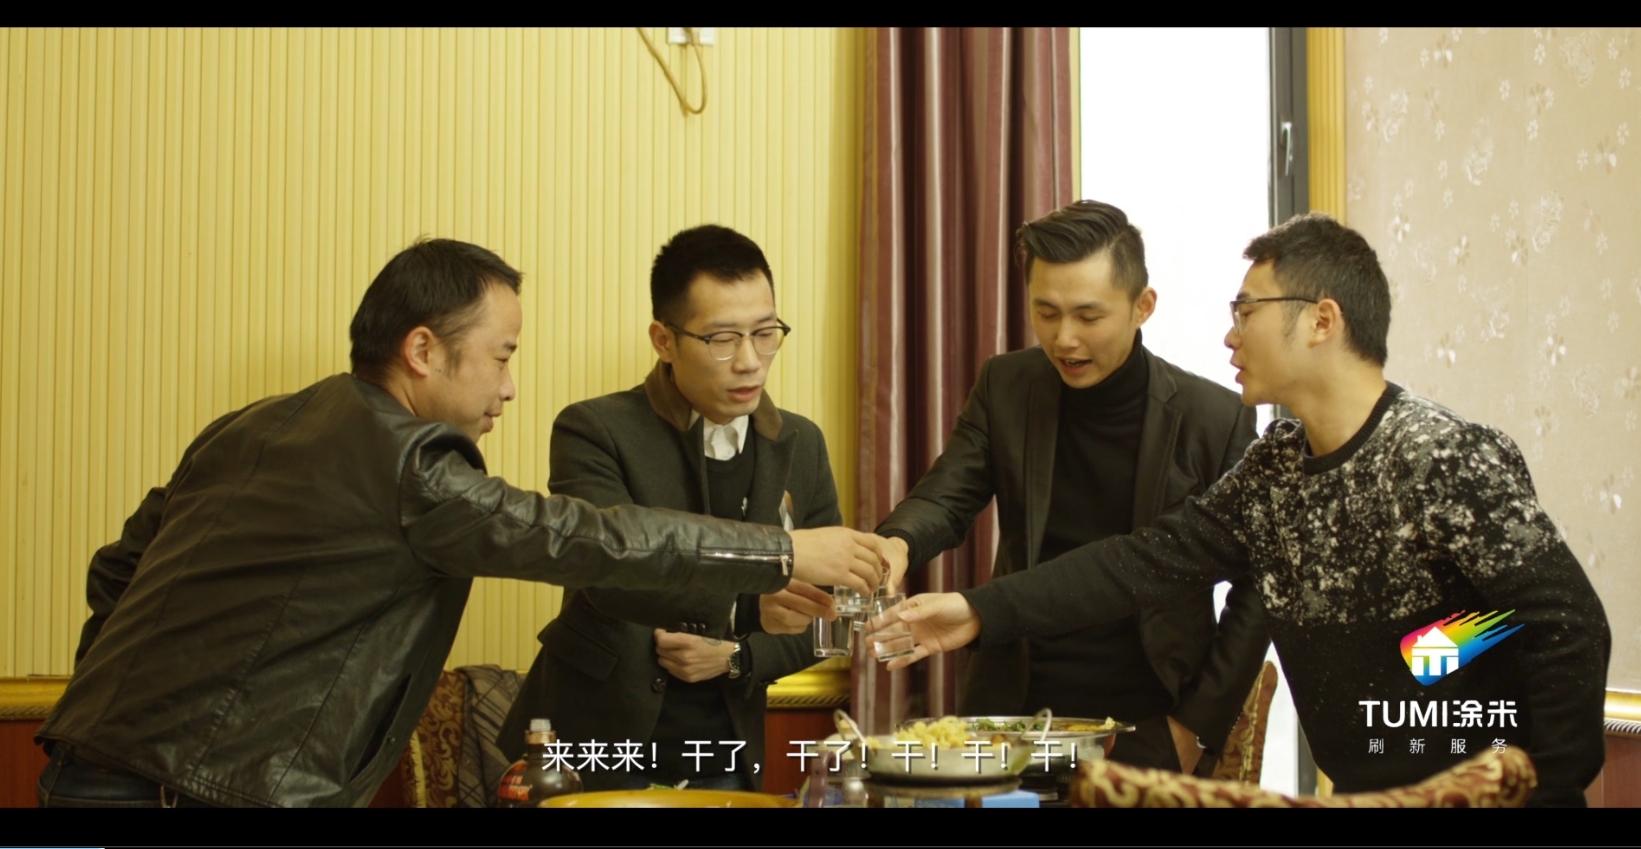 """涂米刷新第八部网络剧""""塑料兄弟情"""""""